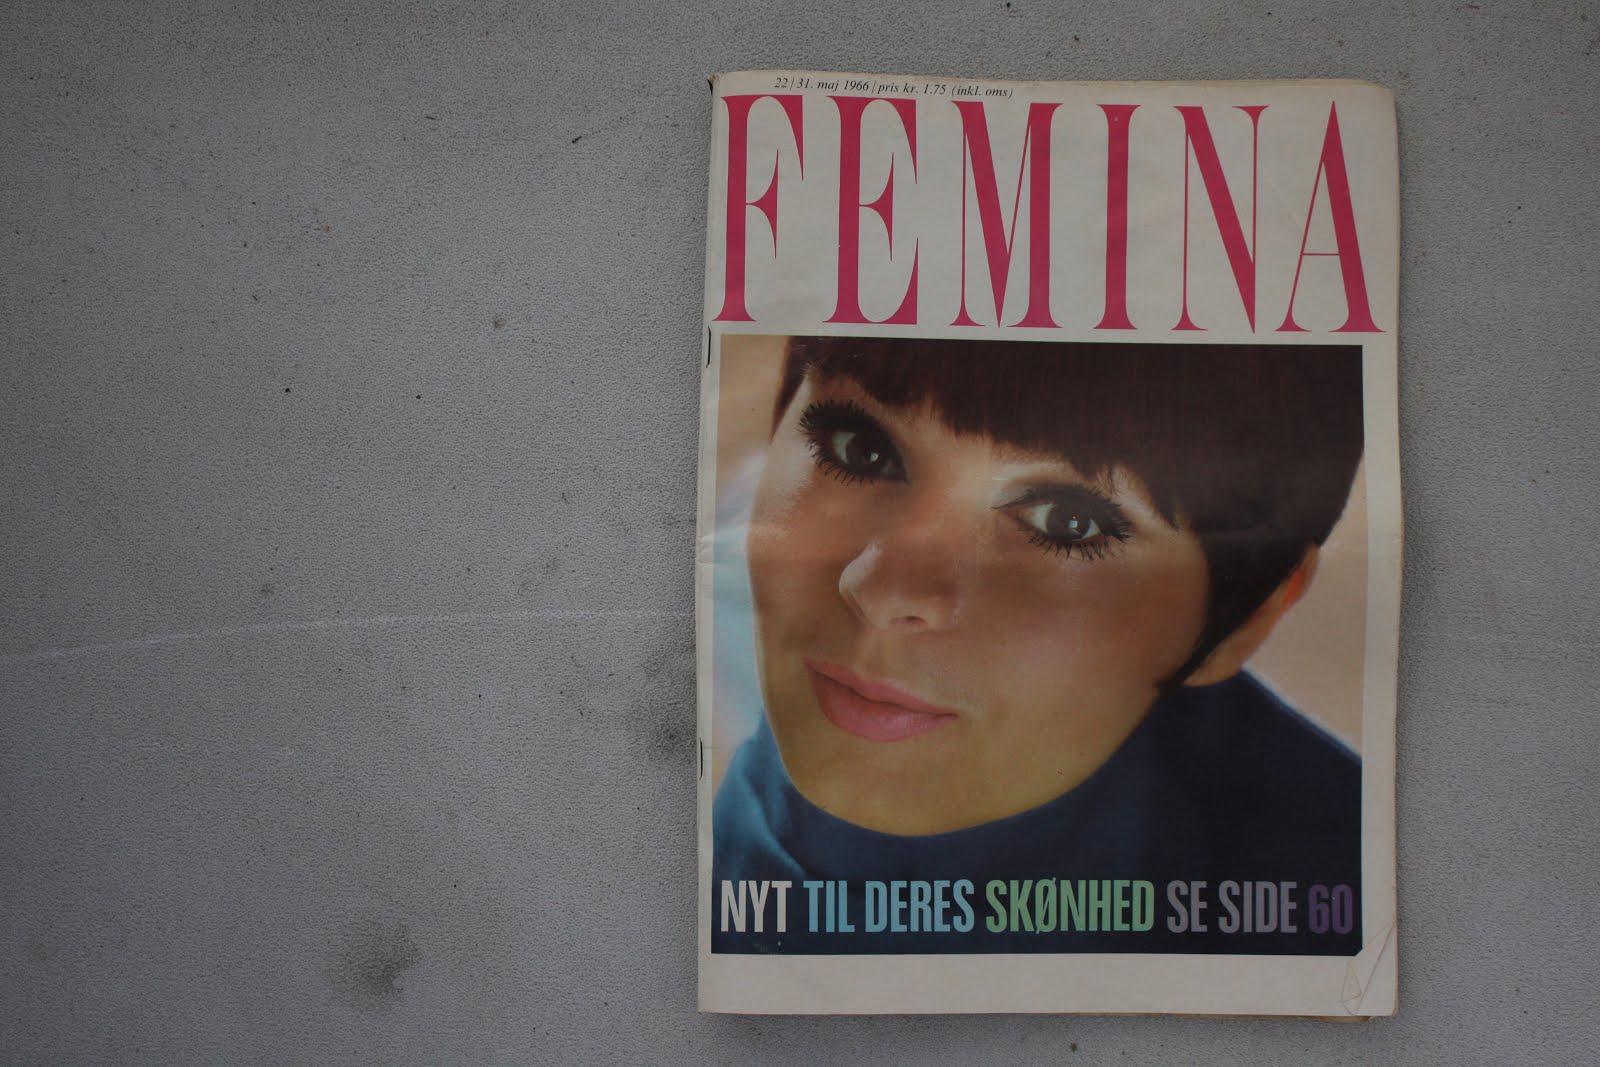 d5c7cd4b Det var et helt Femina fra 1966! Det er simpelthen så sjovt at bladre i, at  det i sig selv er en fantastisk skat!